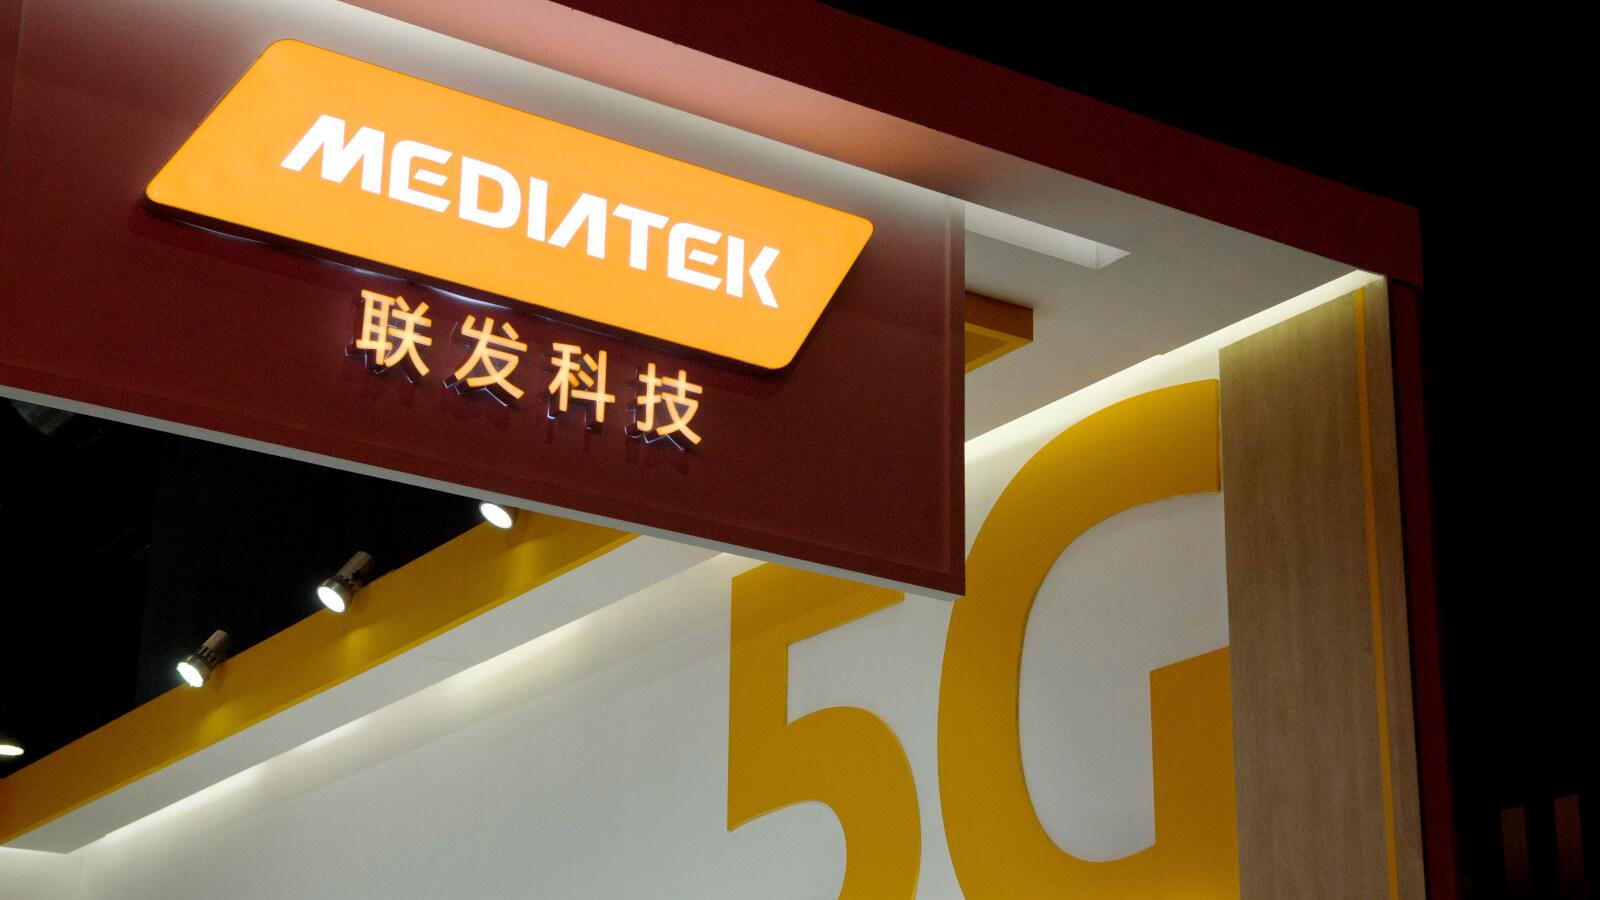 mediatek-dan-qualcomm-mendominasi-pasar-chip-ponsel-china